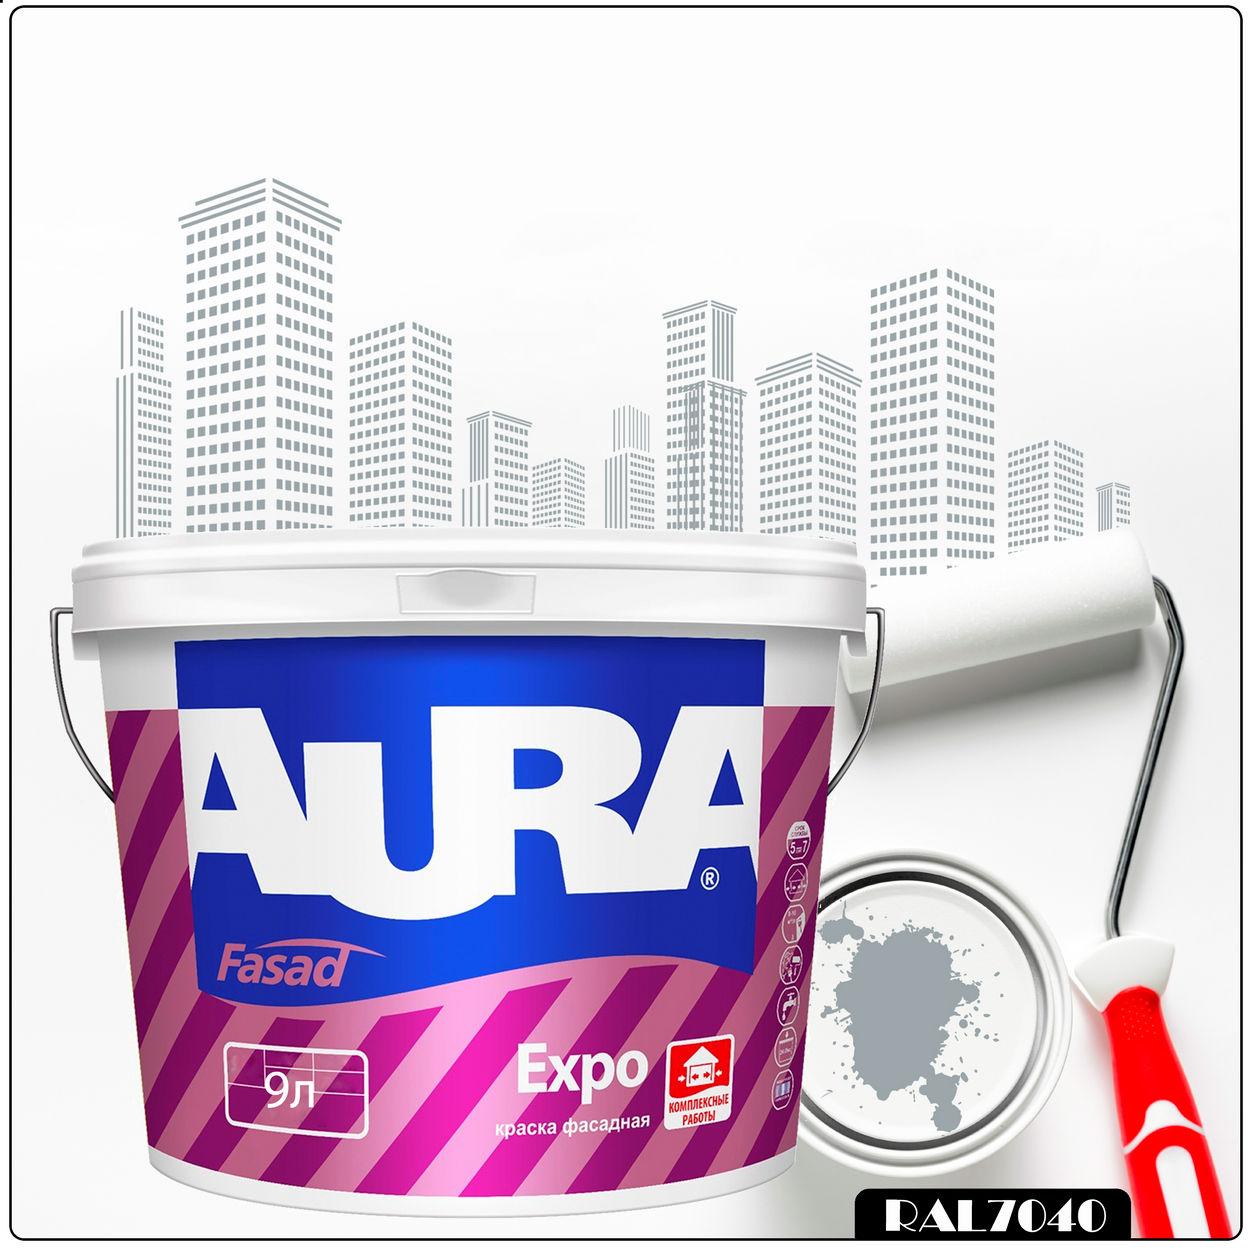 Фото 1 - Краска Aura Fasad Expo, RAL 7040 Серое-окно, матовая, для фасадов и помещений с повышенной влажностью, 9л.